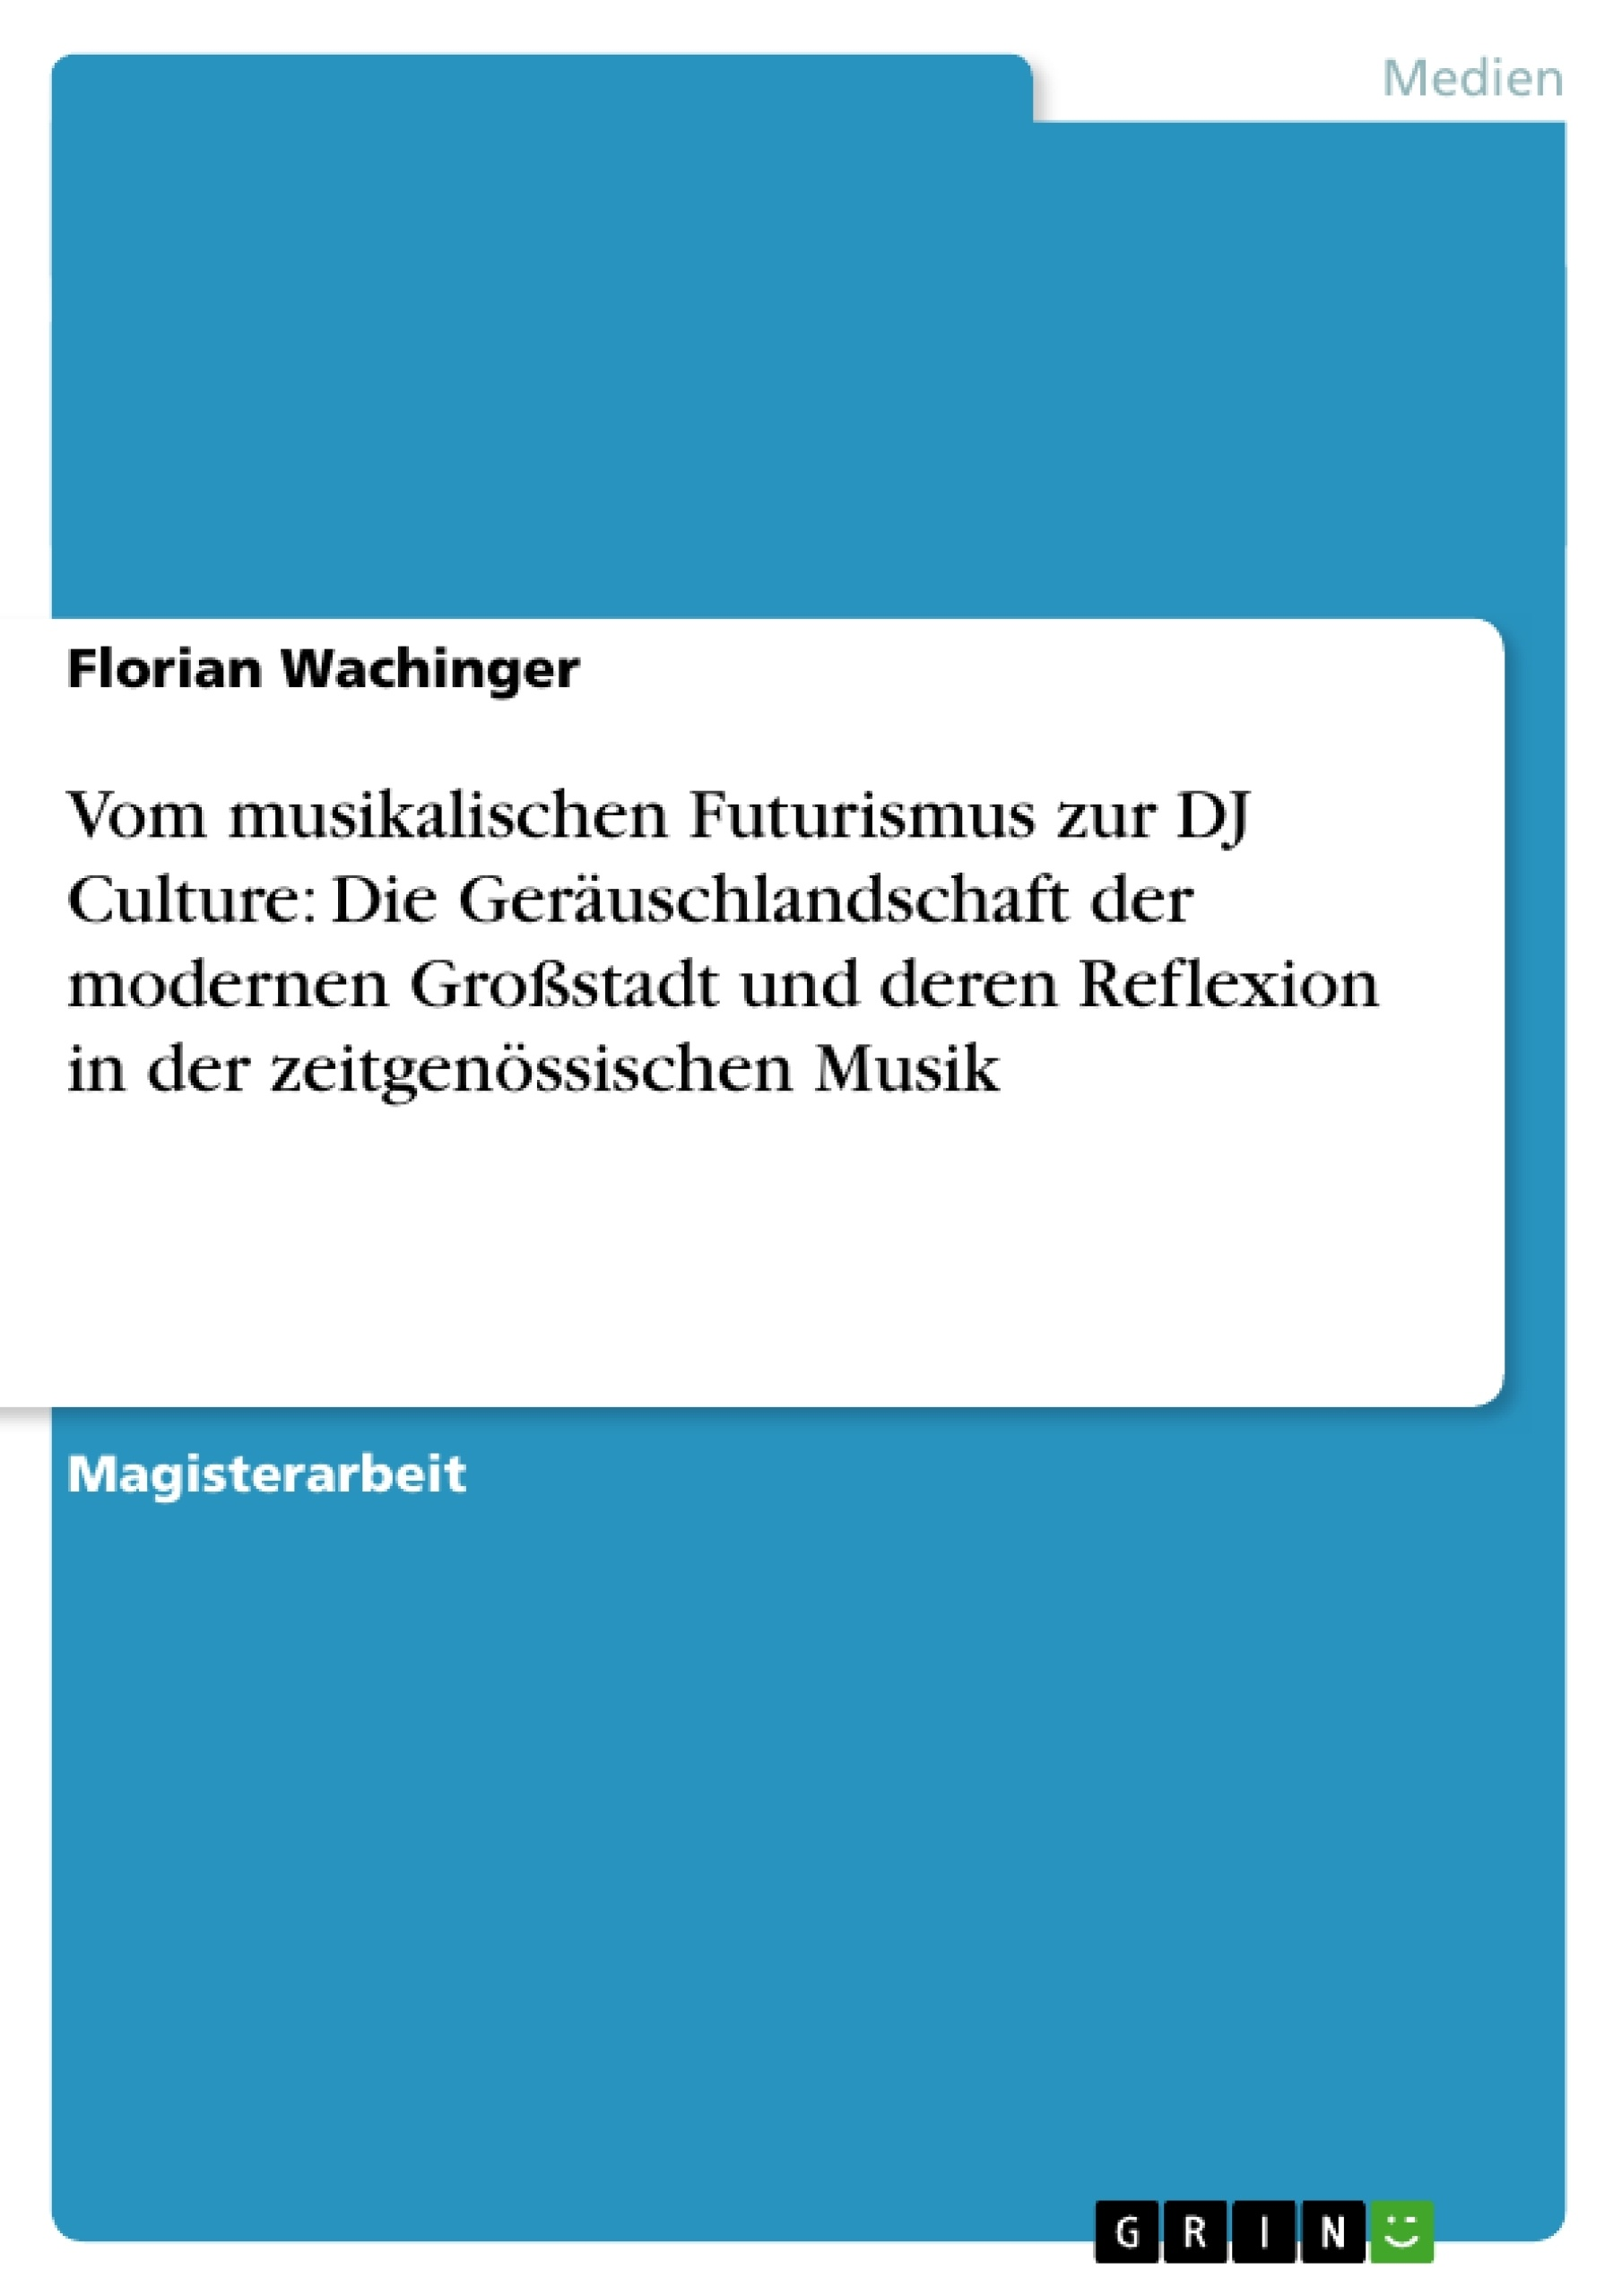 Titel: Vom musikalischen Futurismus zur DJ Culture: Die Geräuschlandschaft der modernen Großstadt und deren Reflexion in der zeitgenössischen Musik